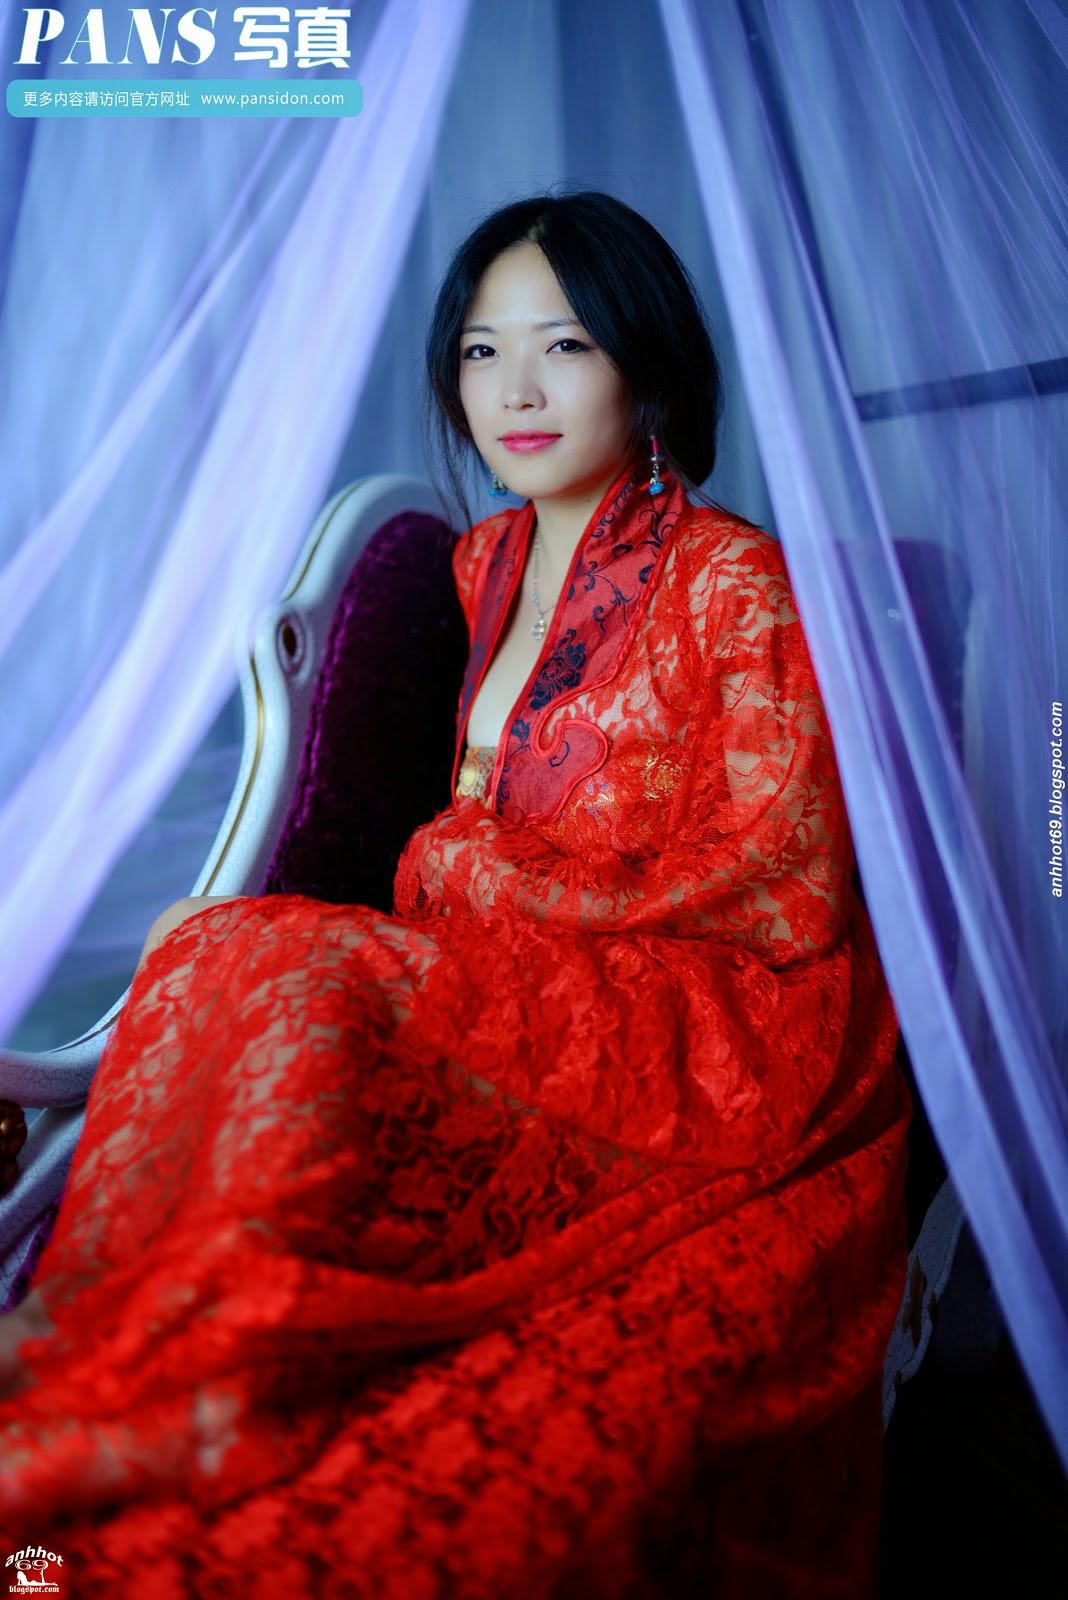 yuhan-pansidon-02851551